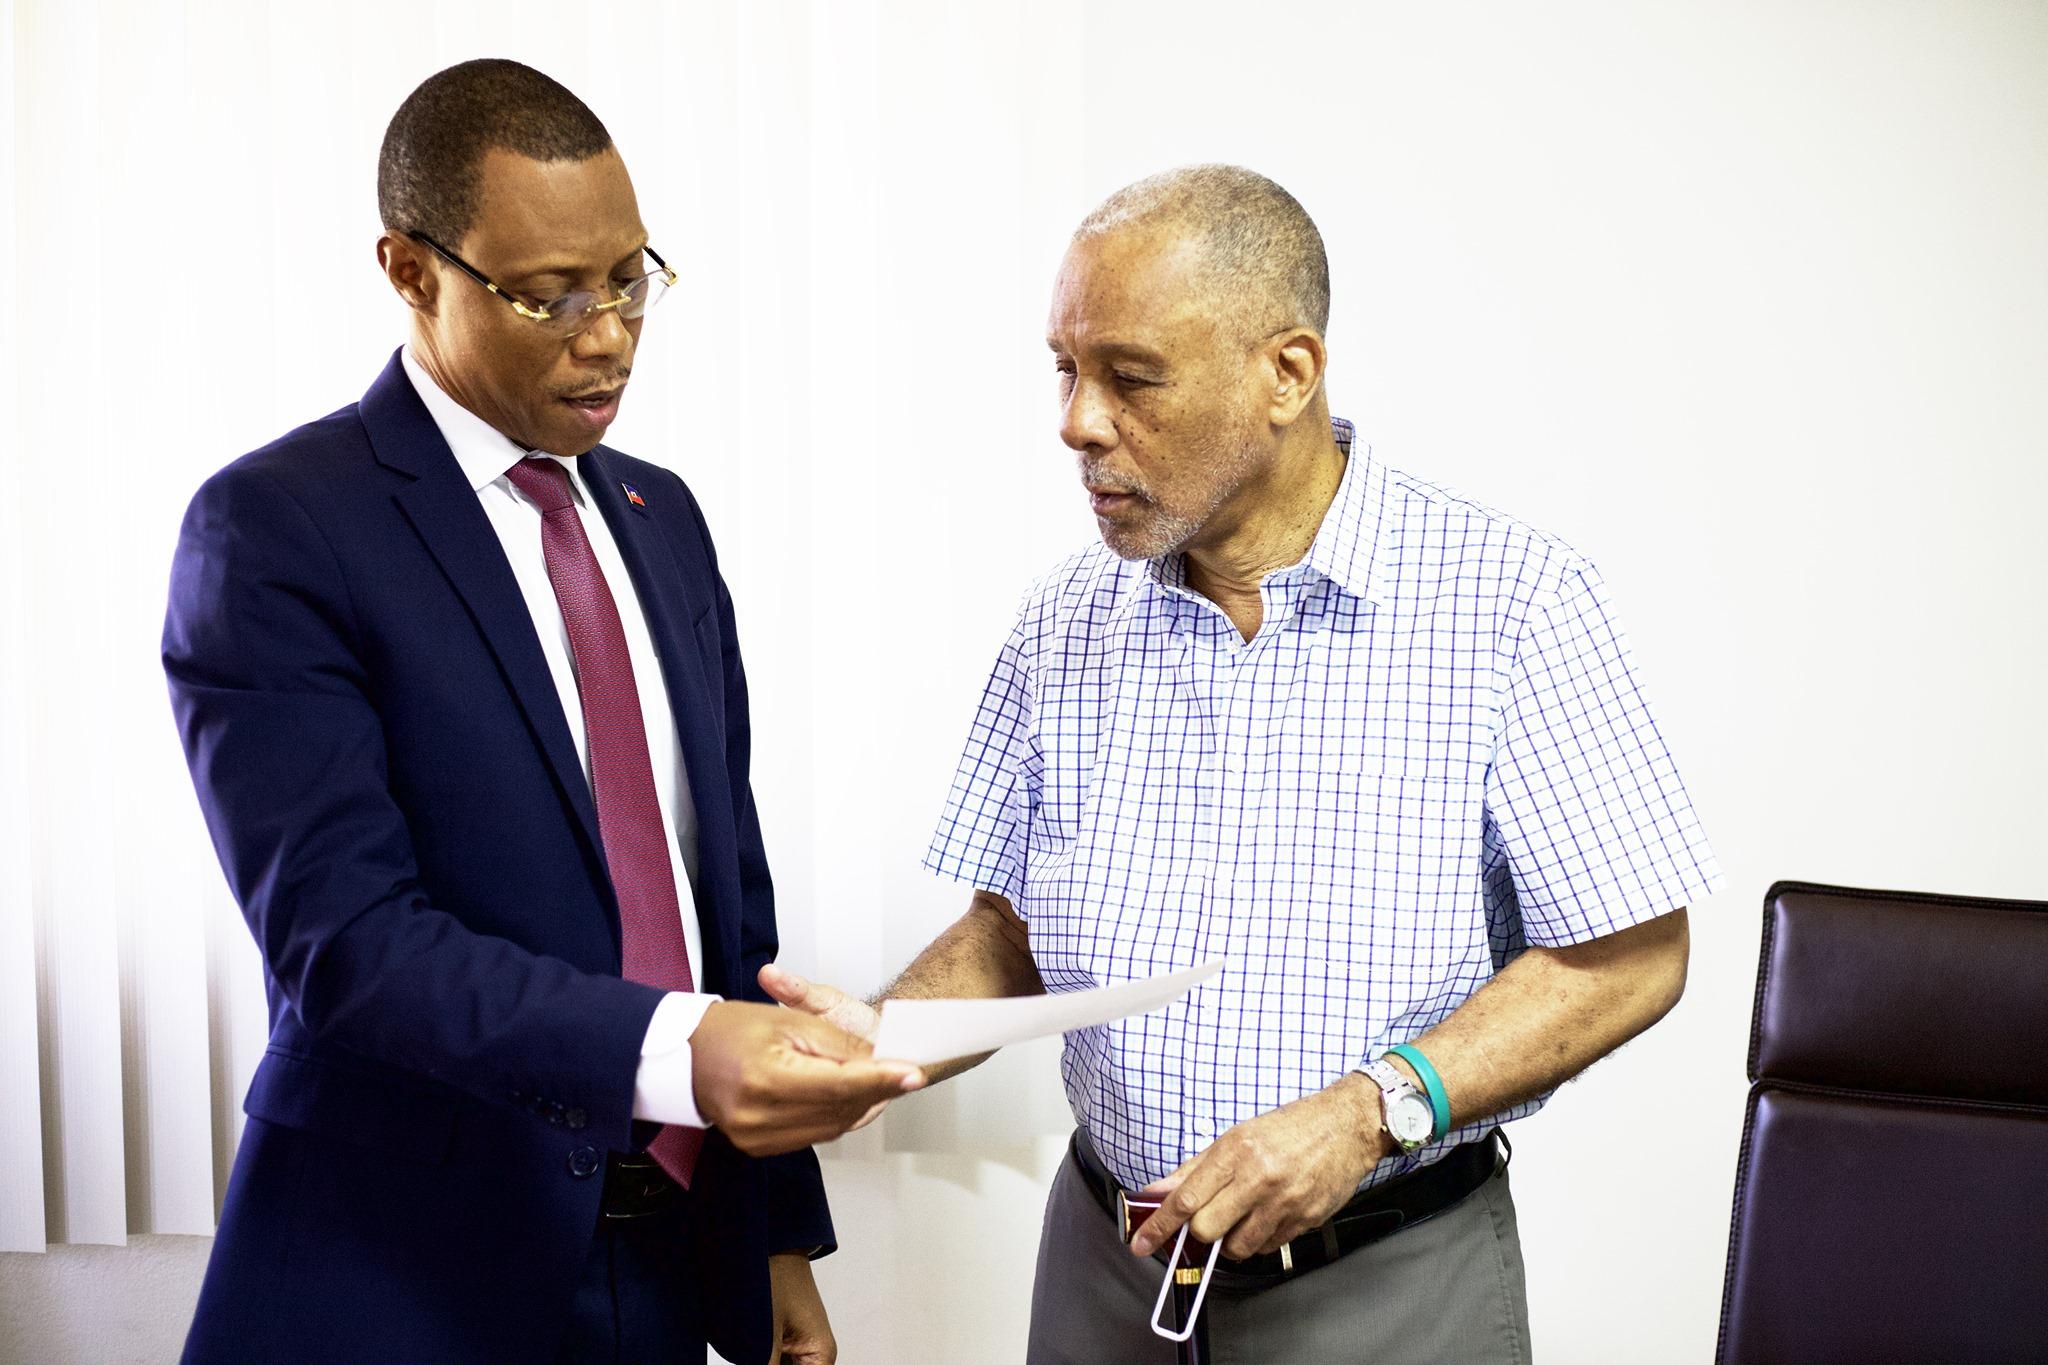 Le directeur général du Fonds National de l'Éducation (FNE), Joseph Frantz Nicolas et le coordonnateur national de la société haïtienne d'aide aux aveugles (SHAA), Michel A. Péan. Crédit Photo : FNE